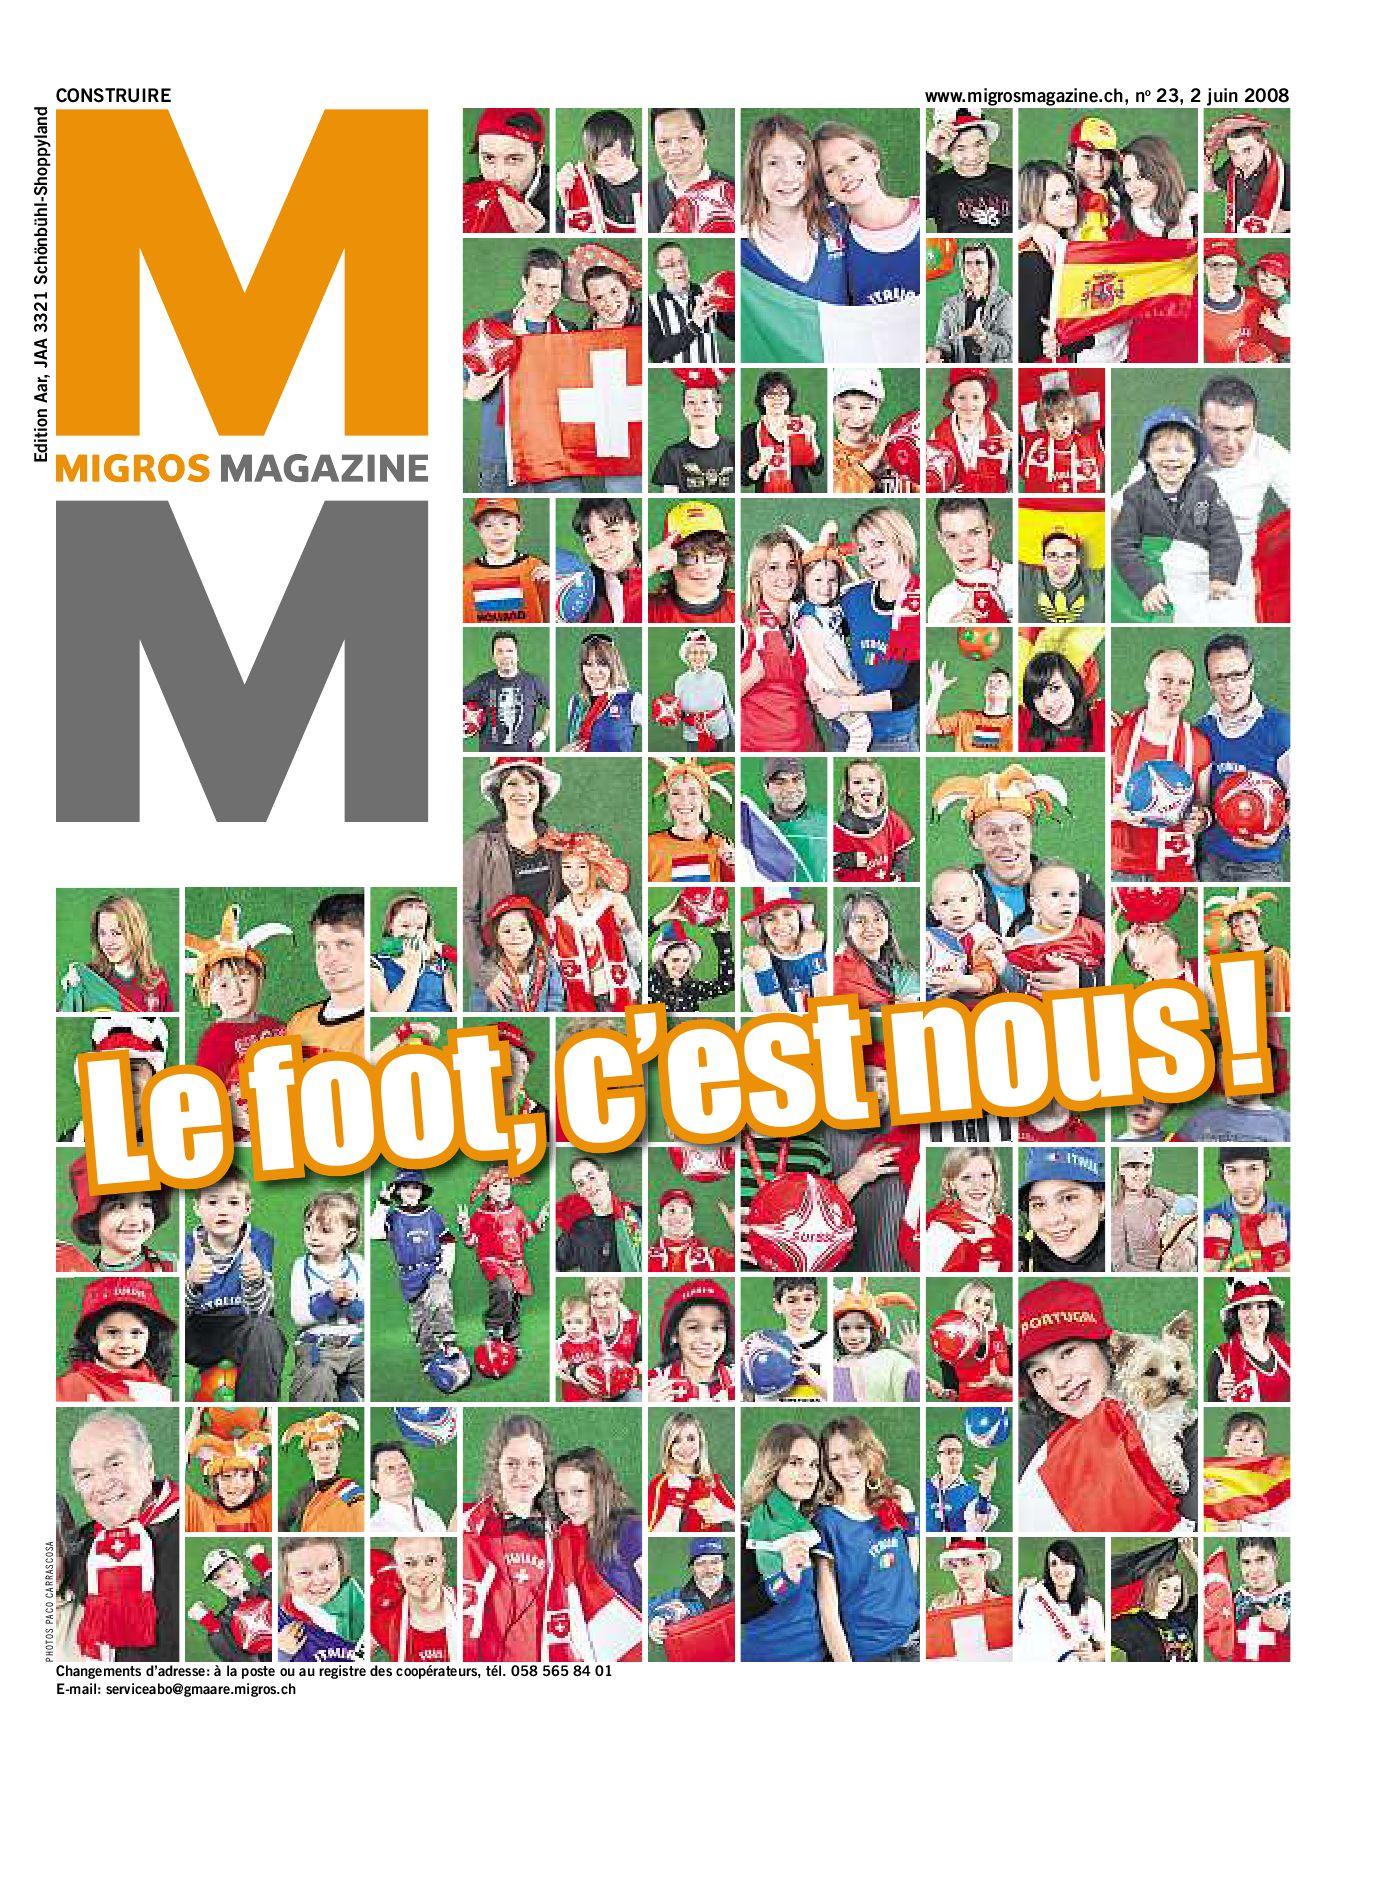 Migros Magazin 23 2008 f VD by Migros-Genossenschafts-Bund - issuu fe830f563345